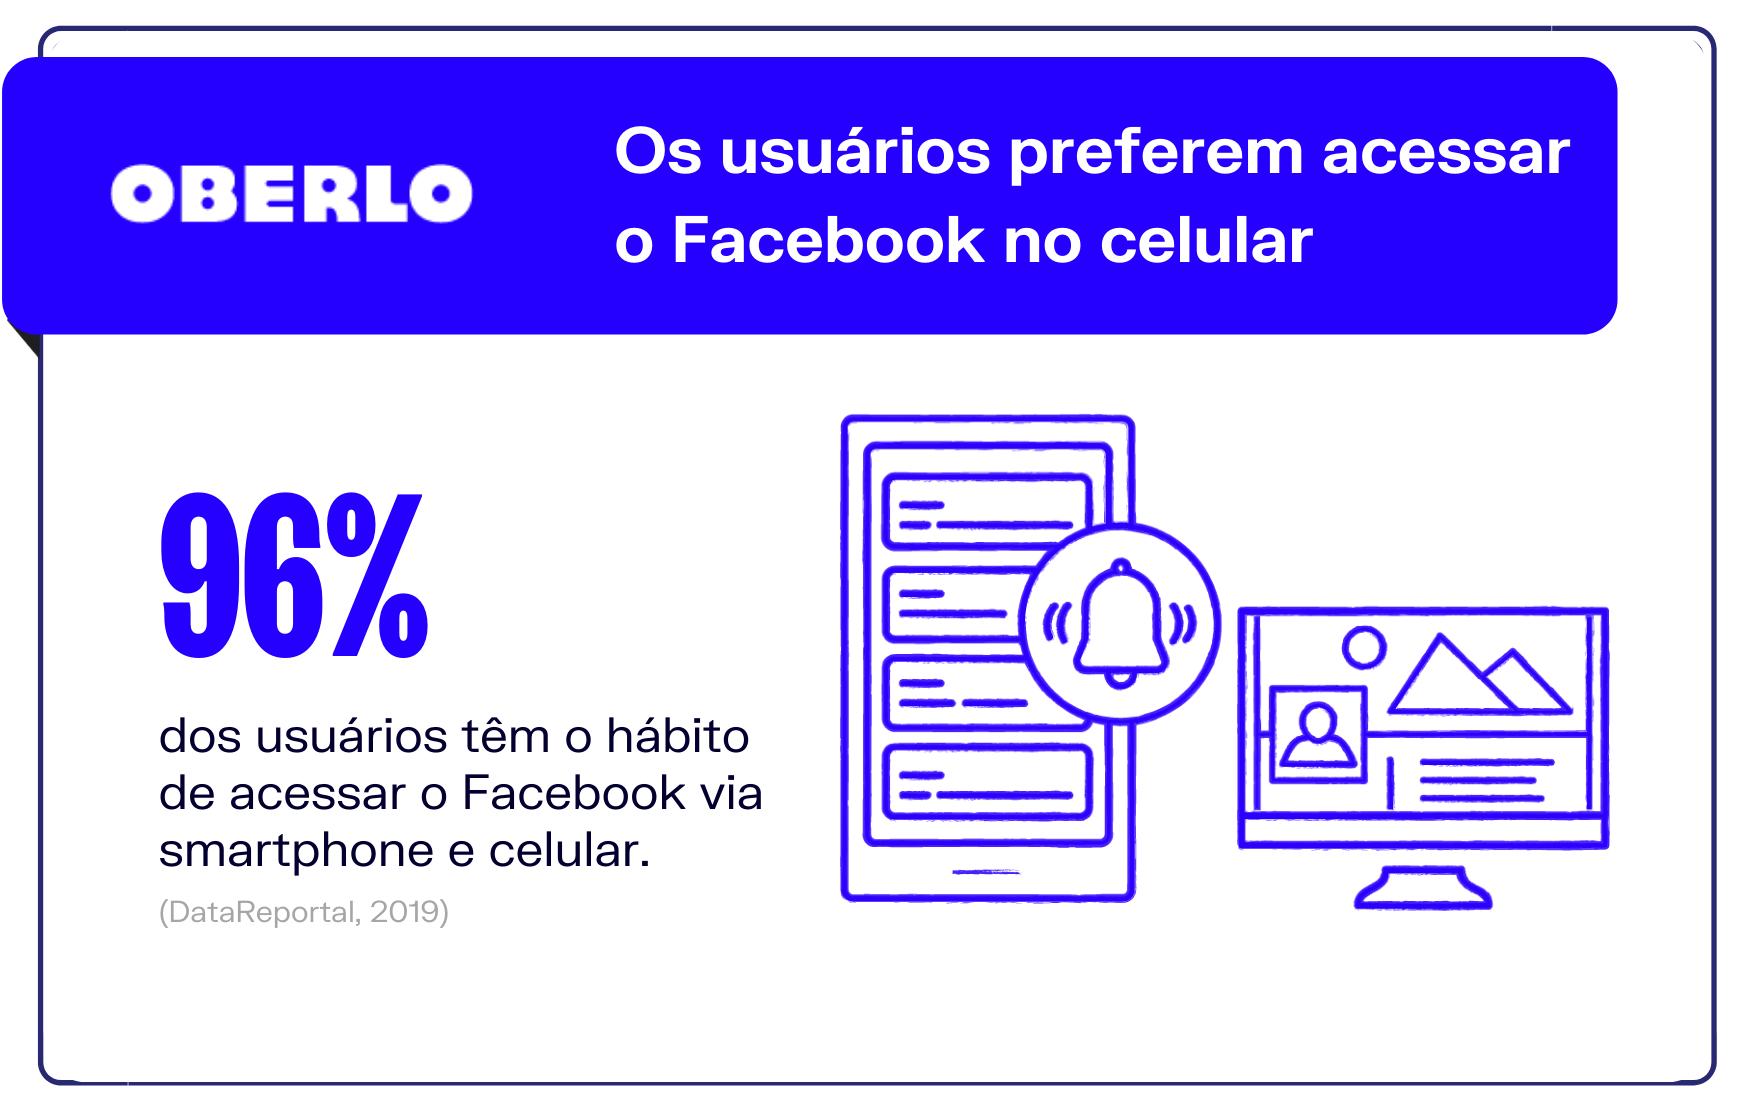 Os usuários preferem acessar o Facebook no celular